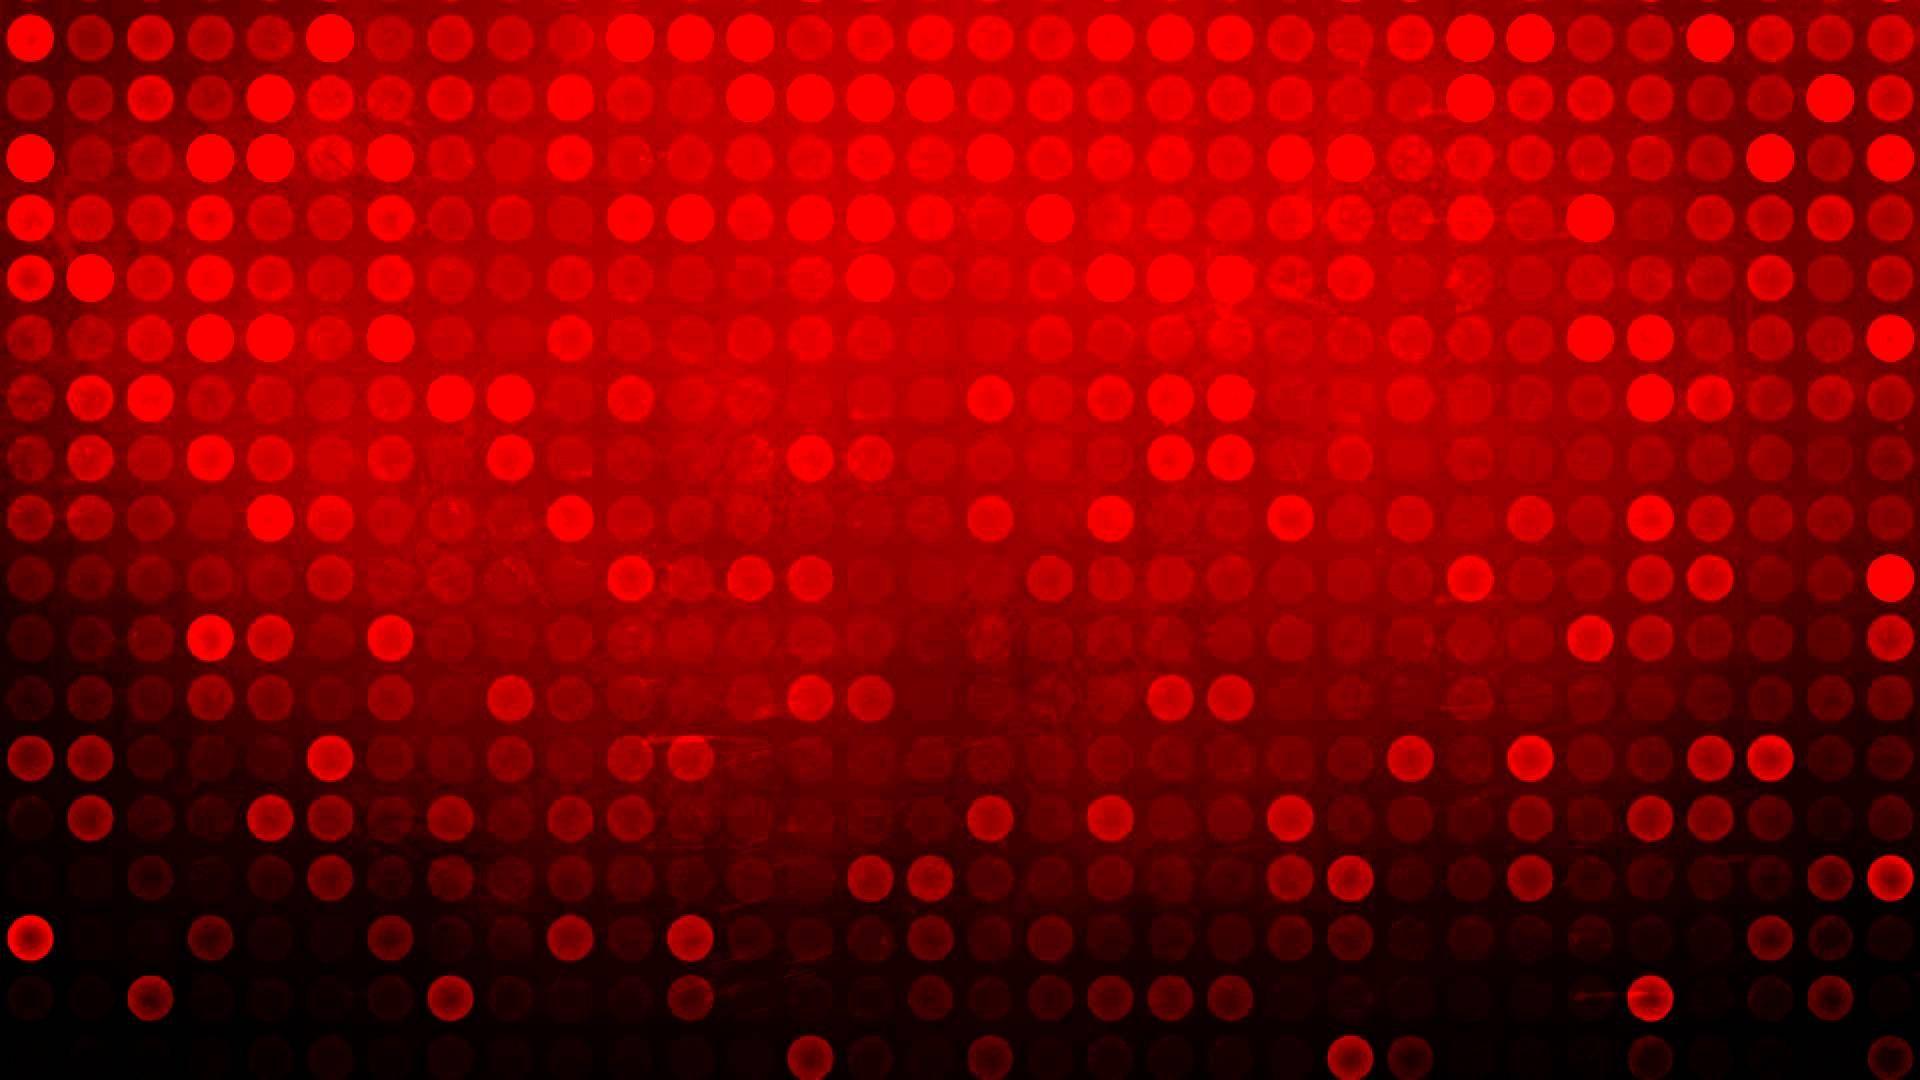 Dots full hd wallpaper